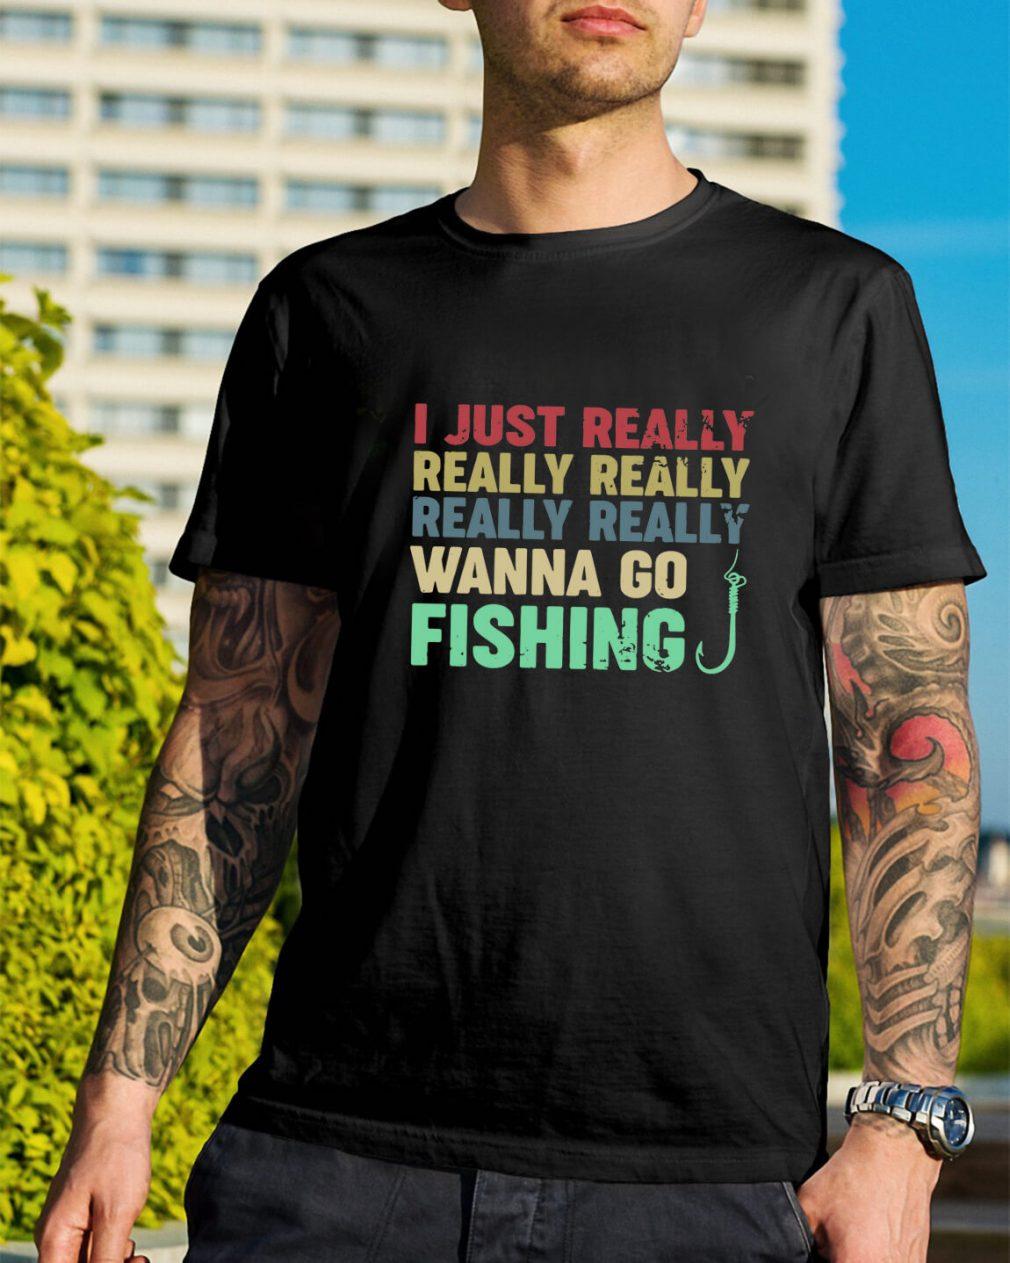 I just really really really really really wanna go fishing shirt